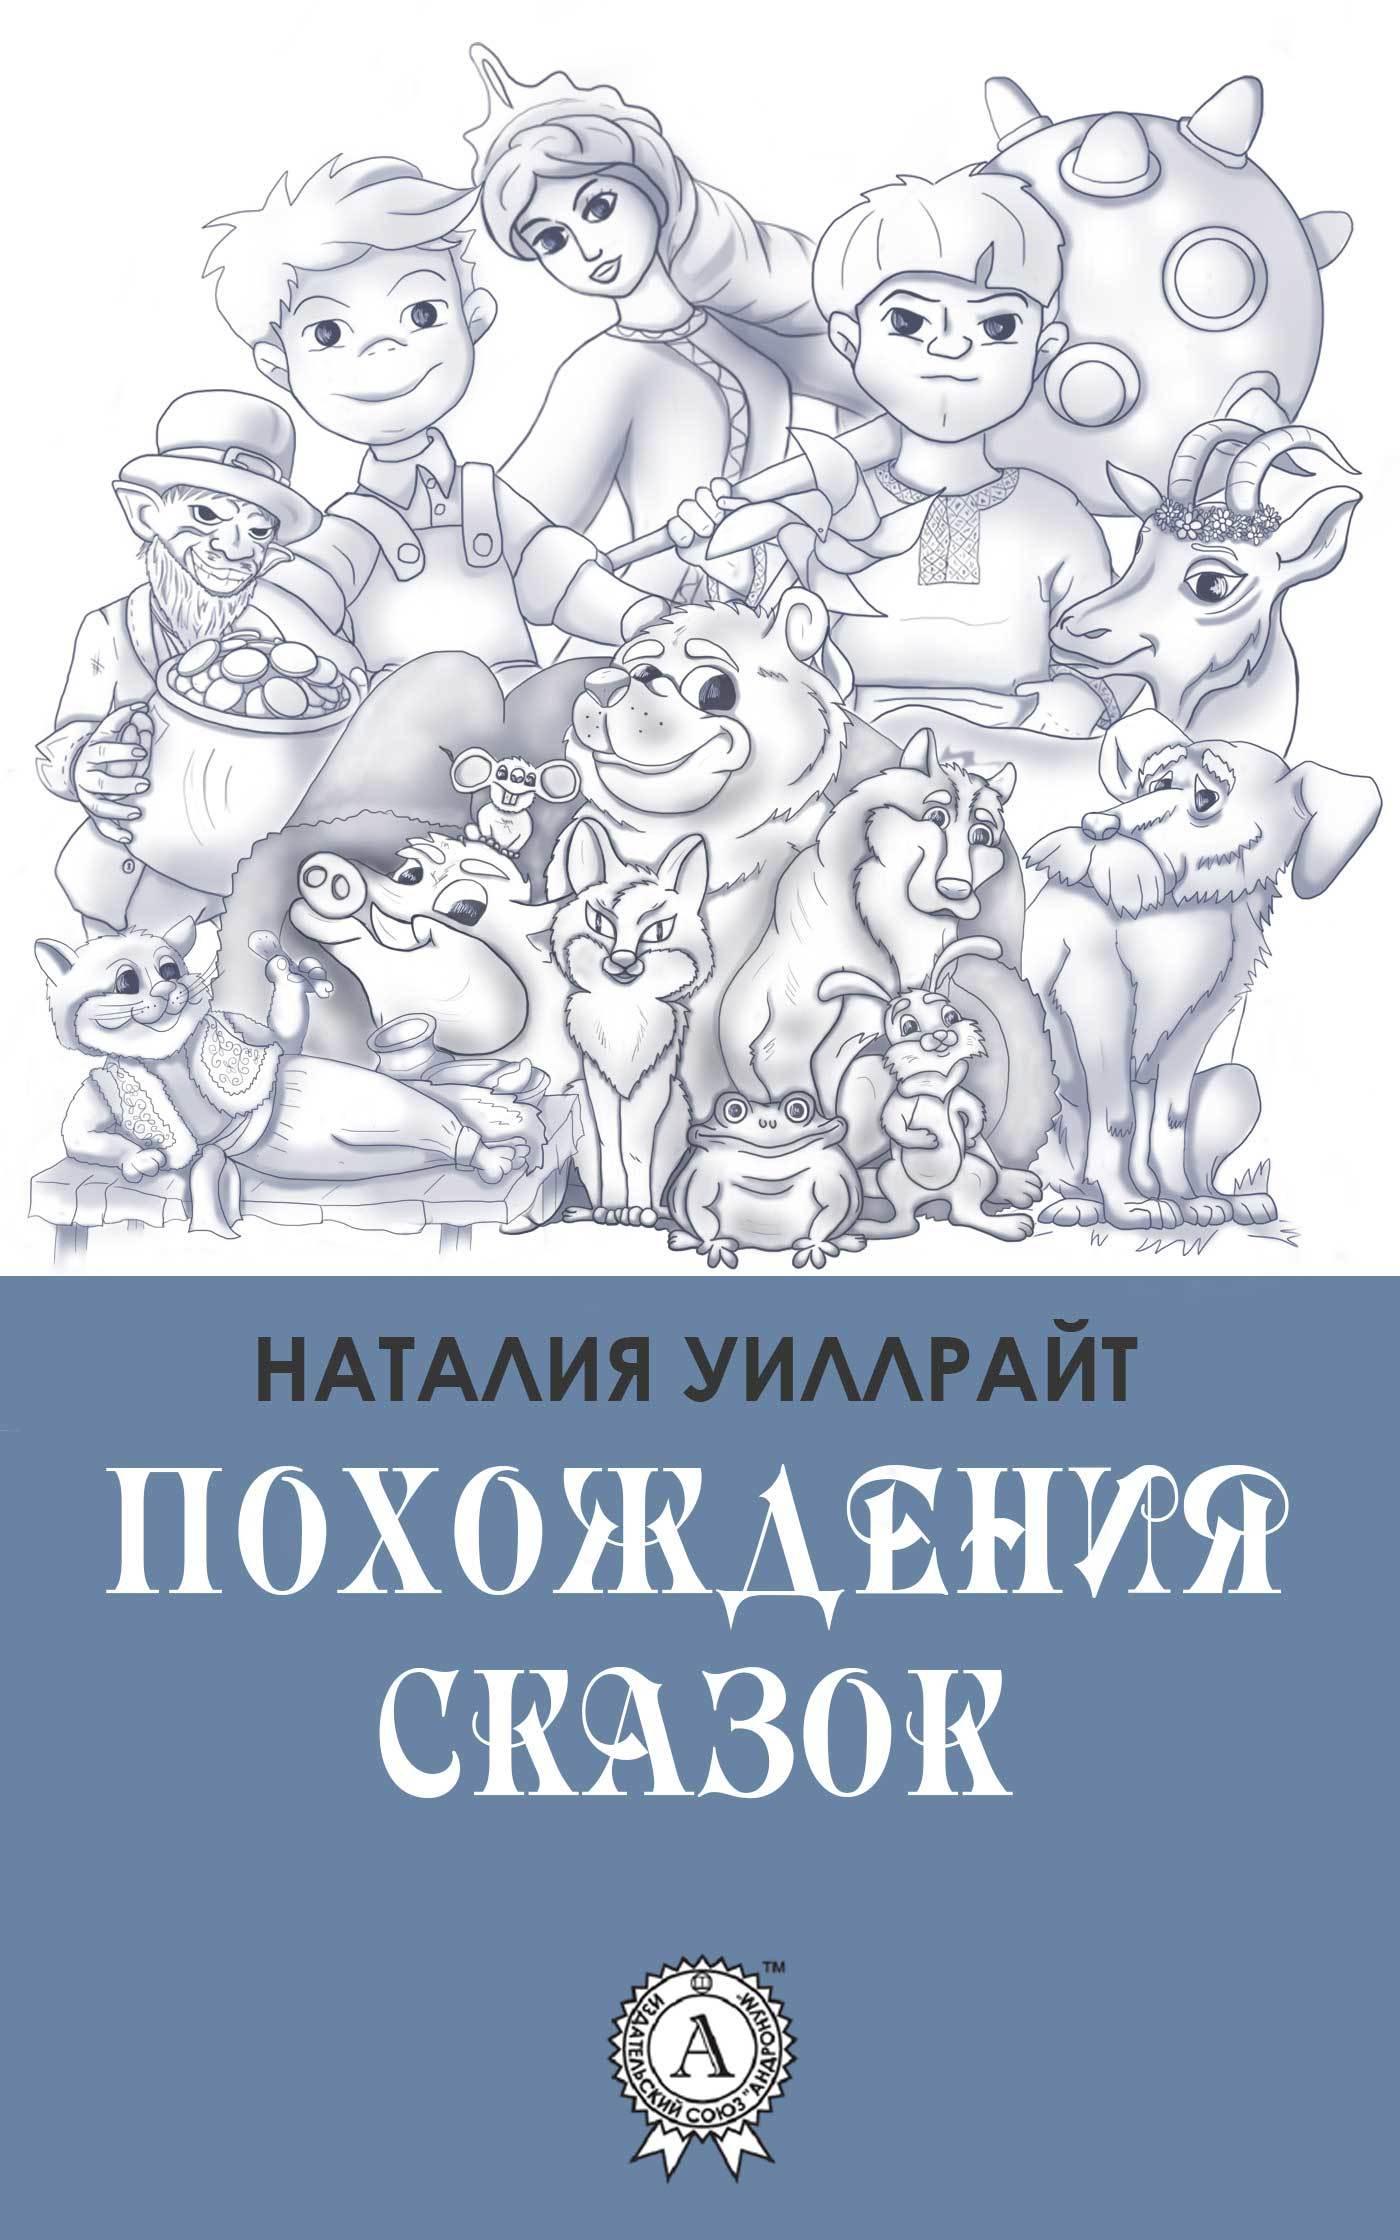 Наталия Уиллрайт